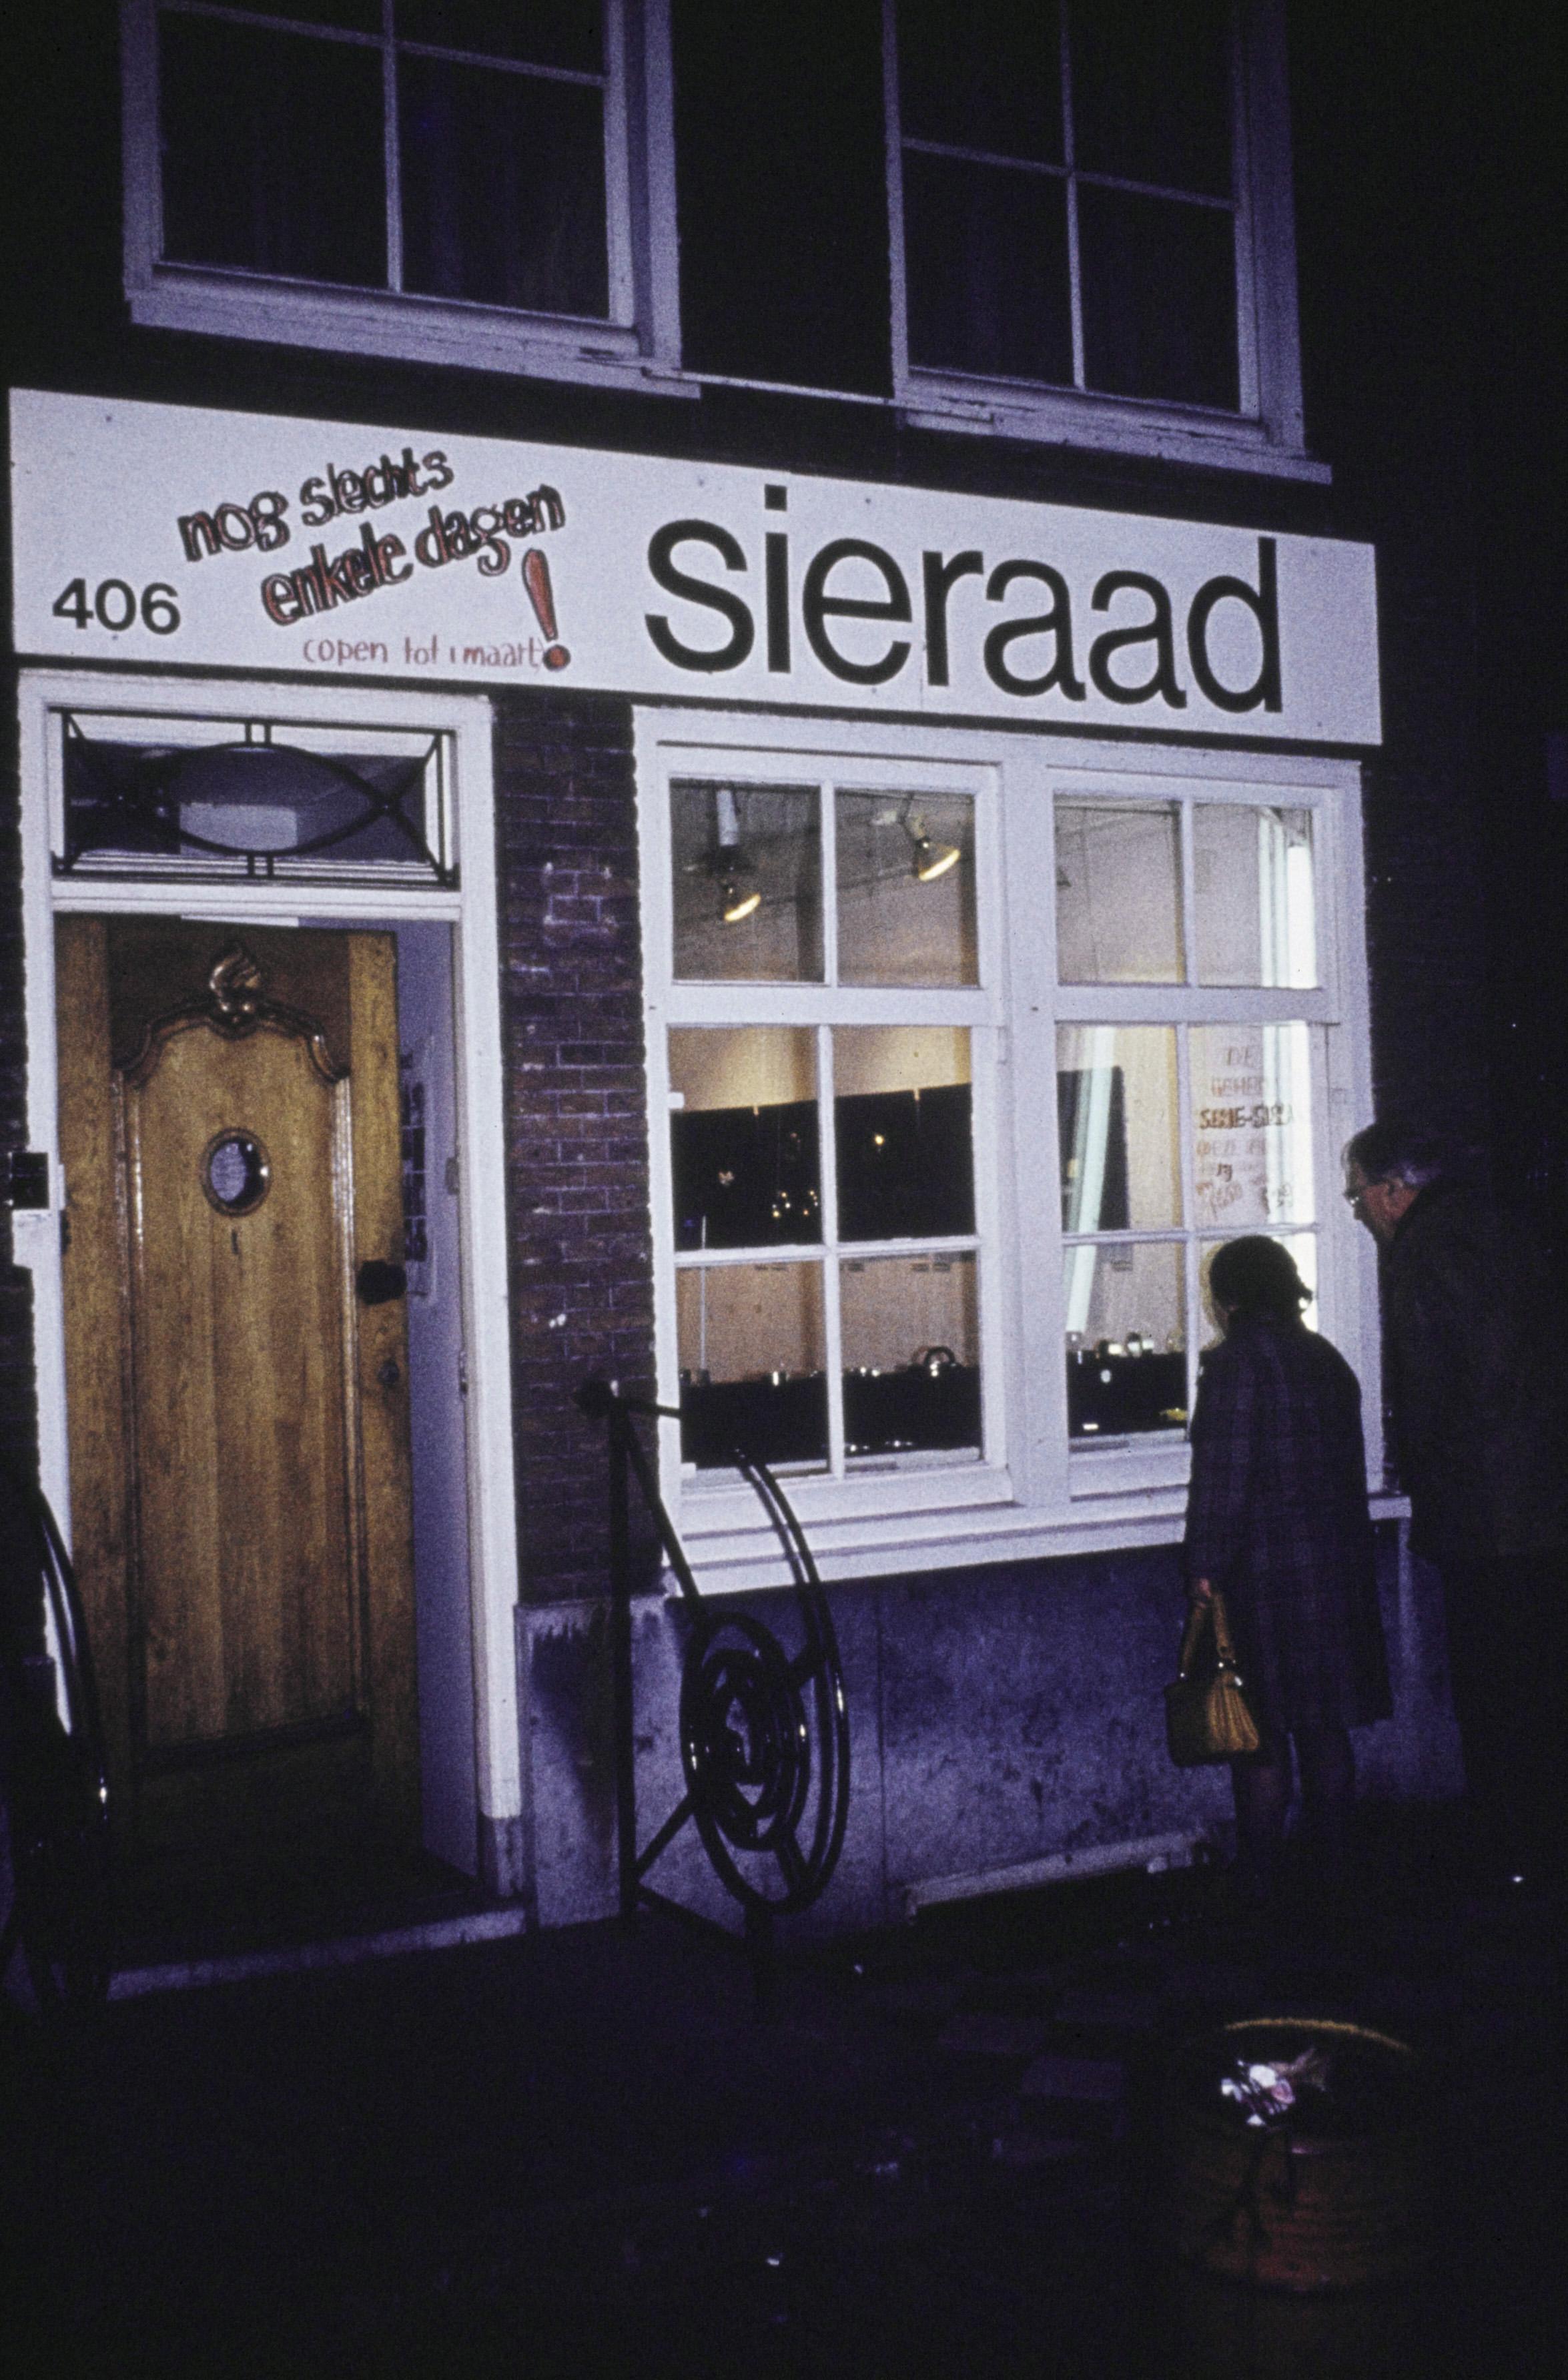 Galerie Sieraad, Singel 406, gevel